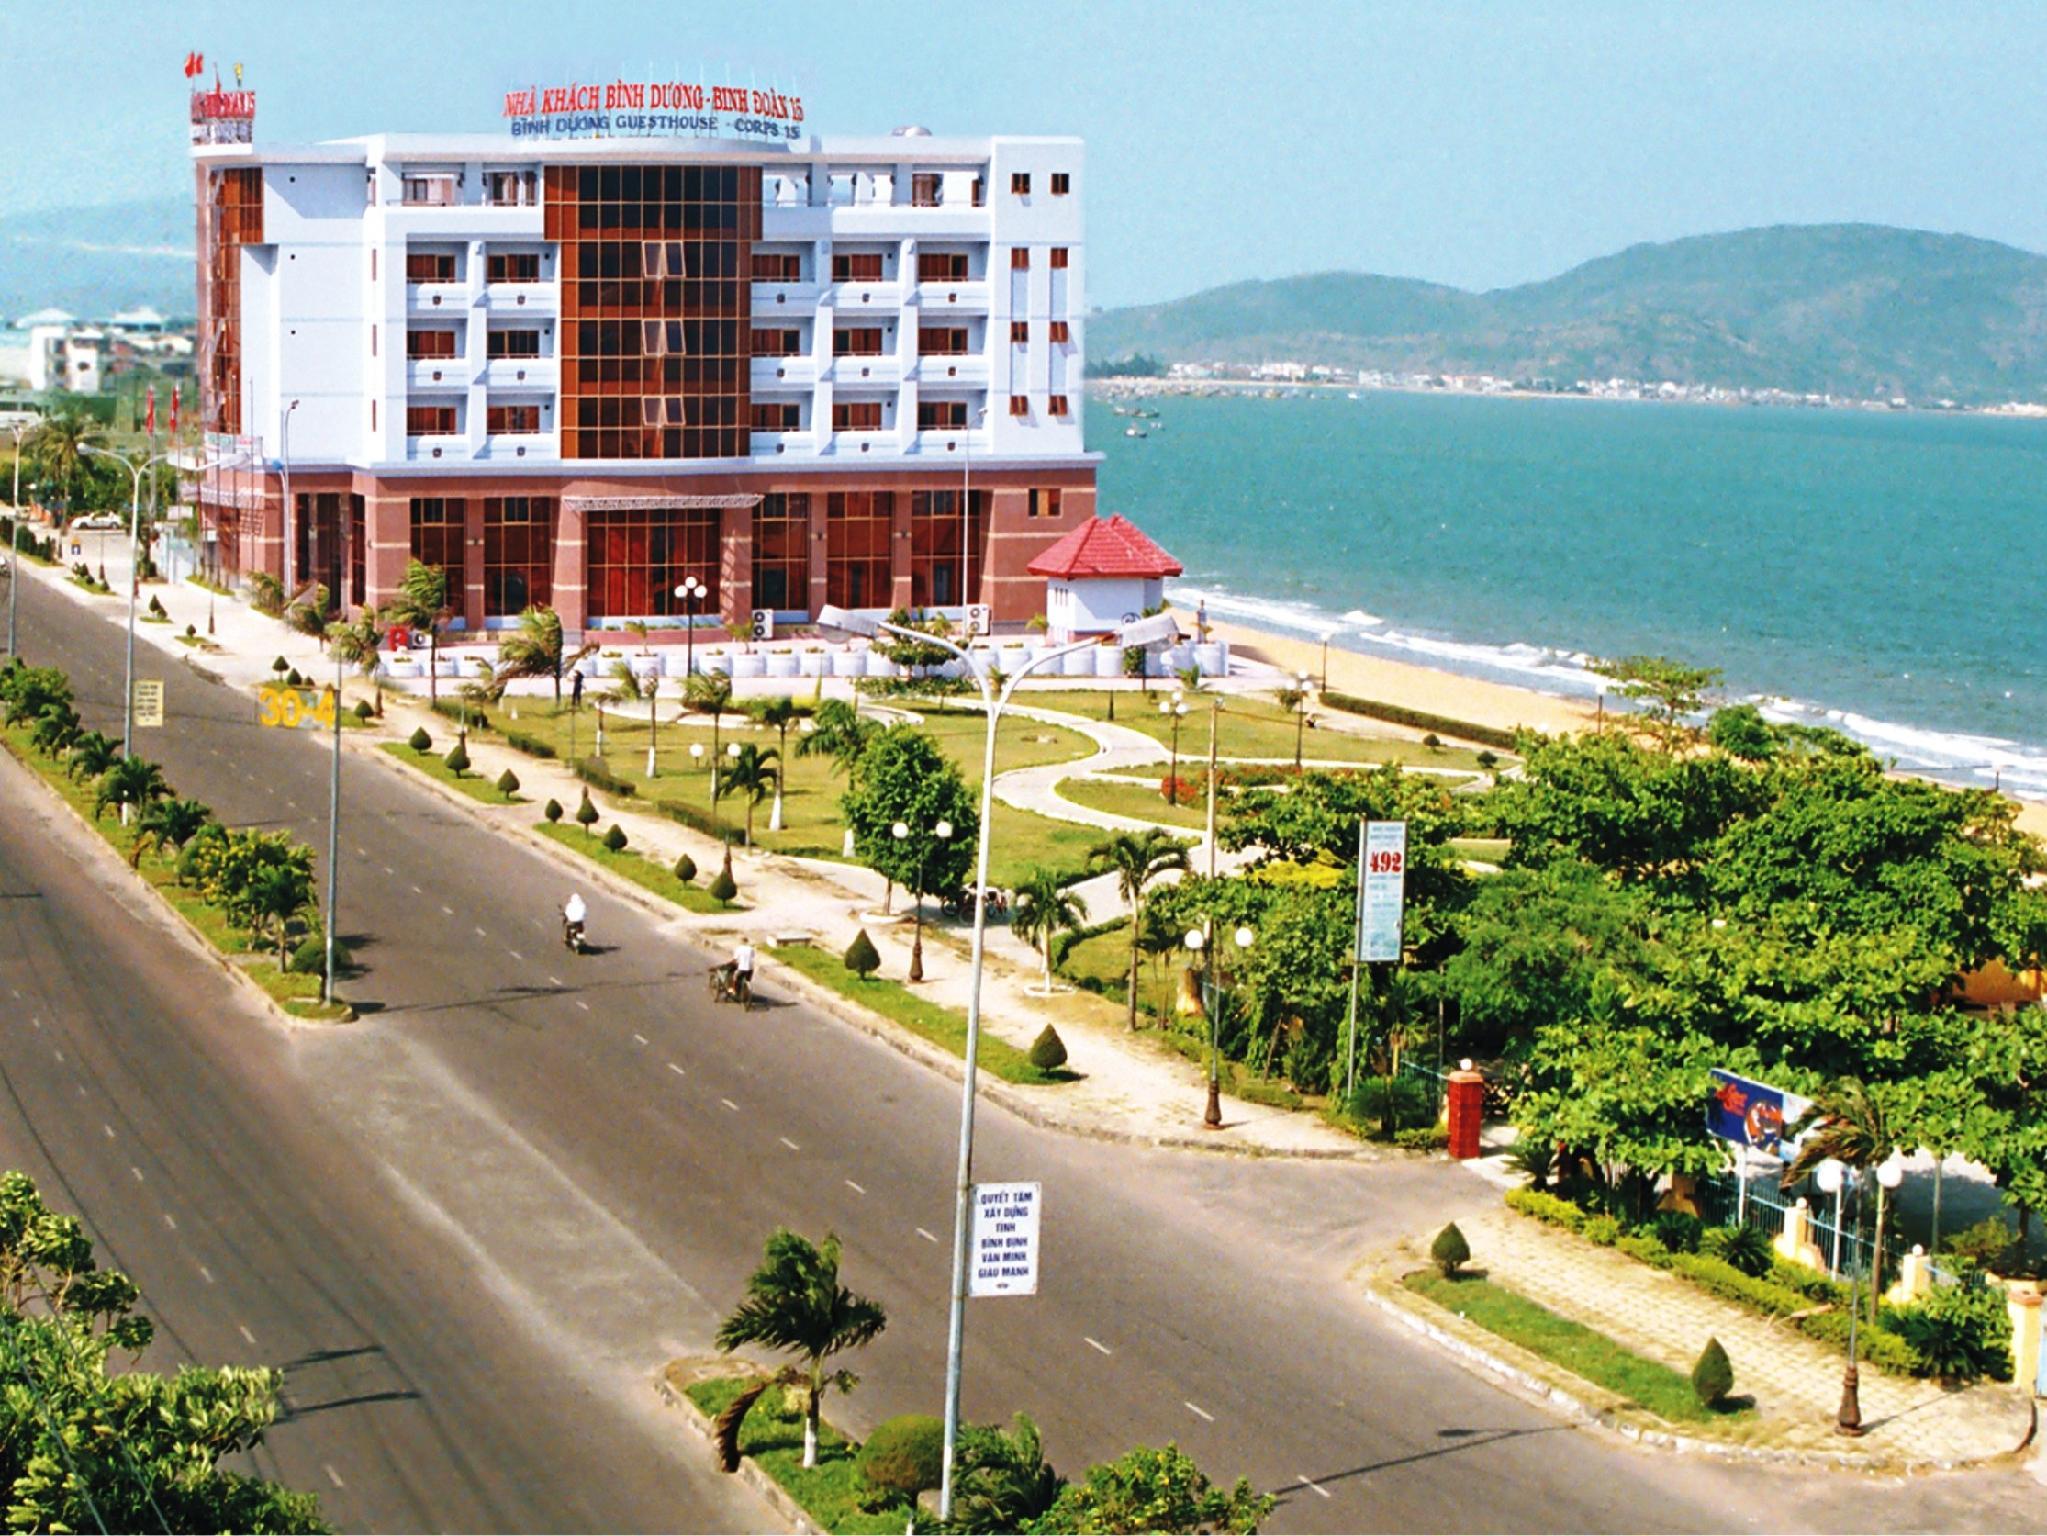 Hotell Binh Duong Hotel